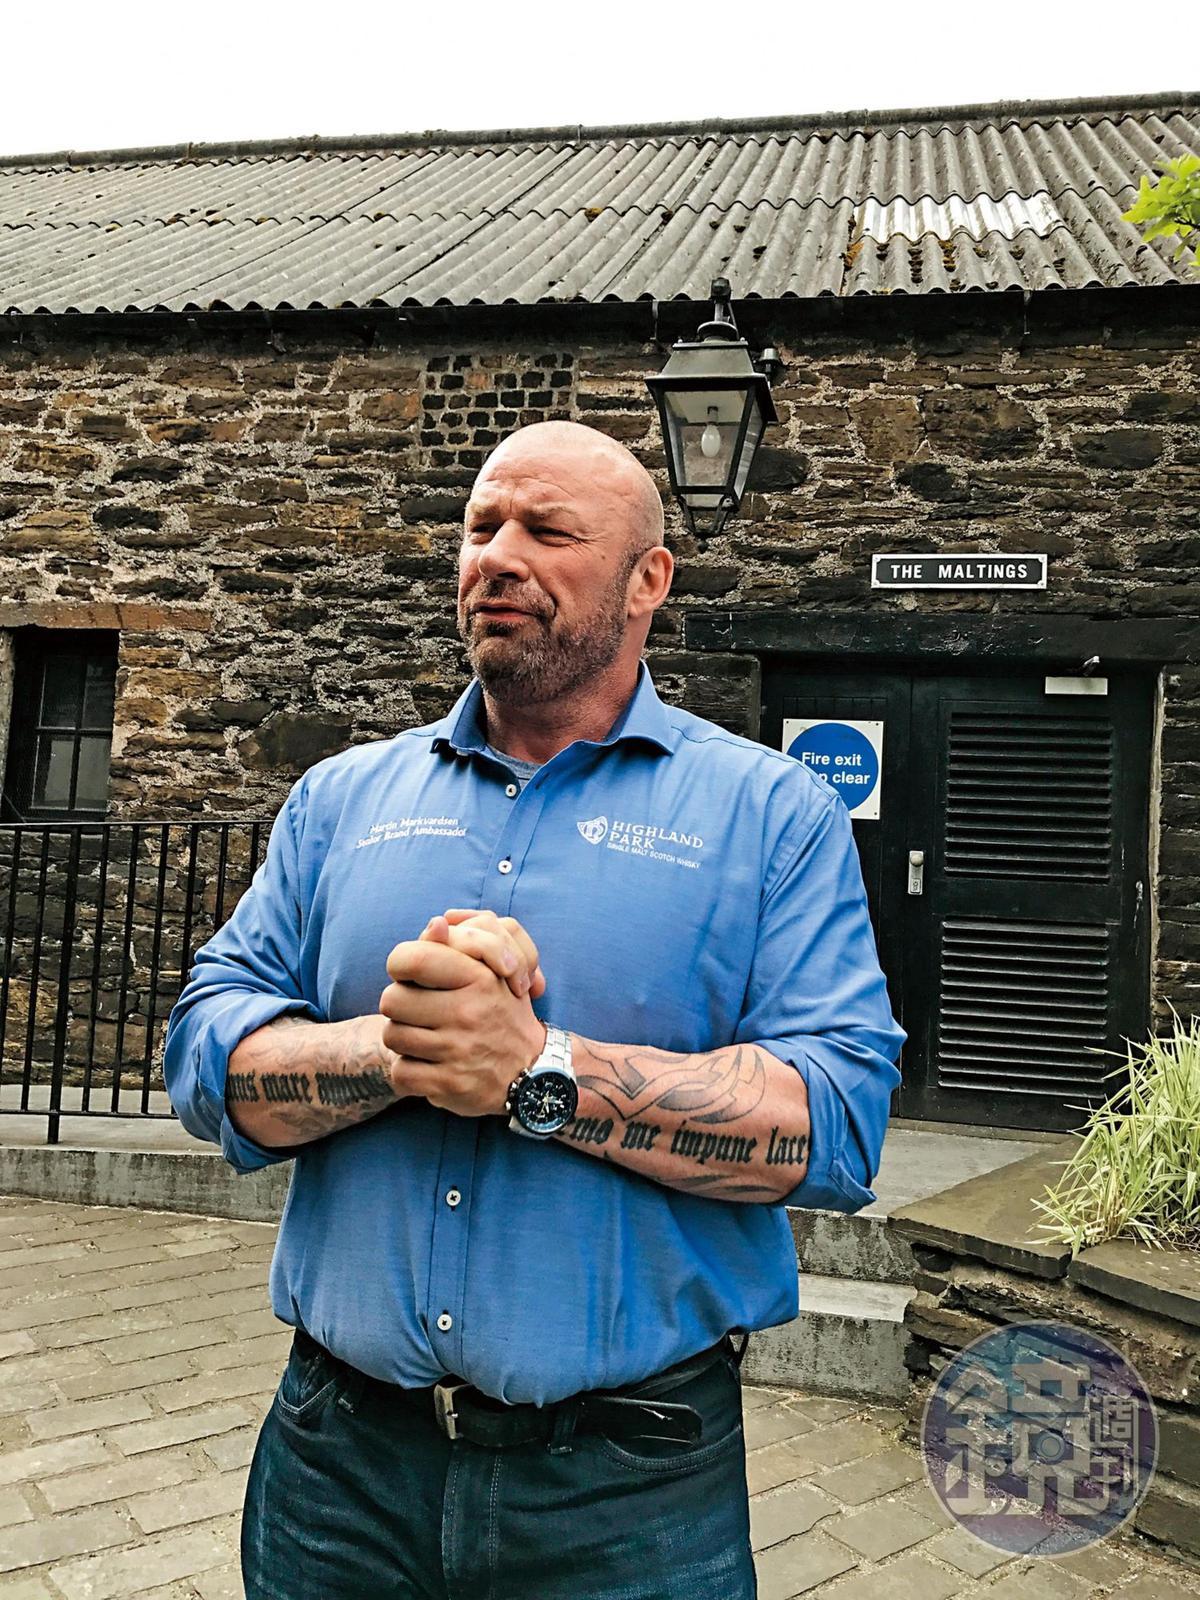 馬汀是酒廠的全球品牌大使,不僅有維京人血統,更是個對威士忌與酒廠充滿熱情的漢子。